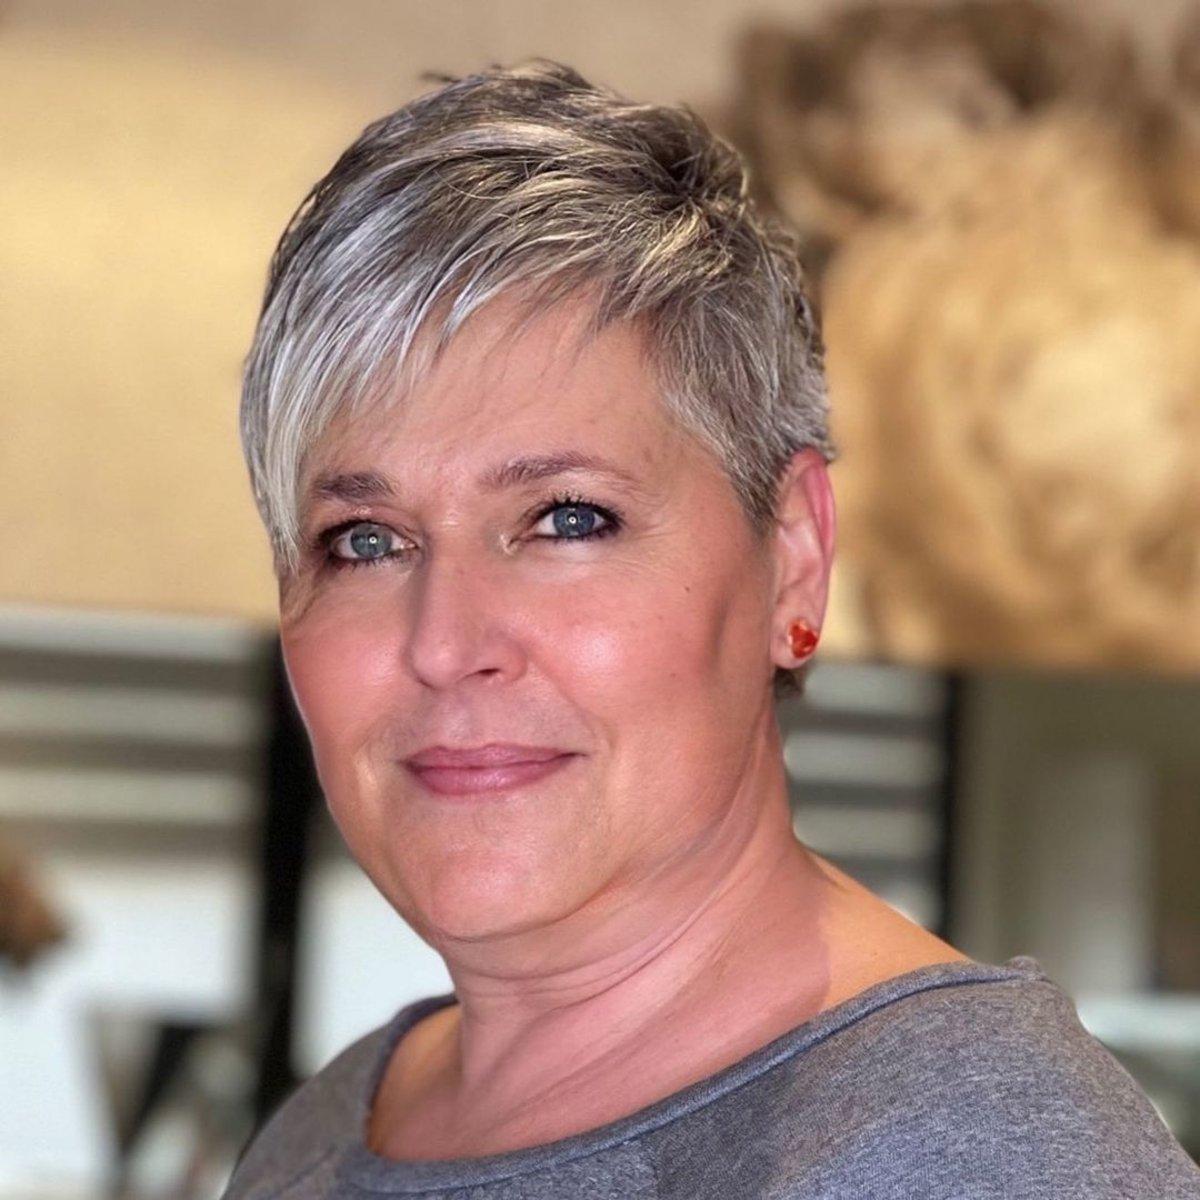 Corte de pelo corto y cónico para mujeres mayores de 50 años con cabello fino.